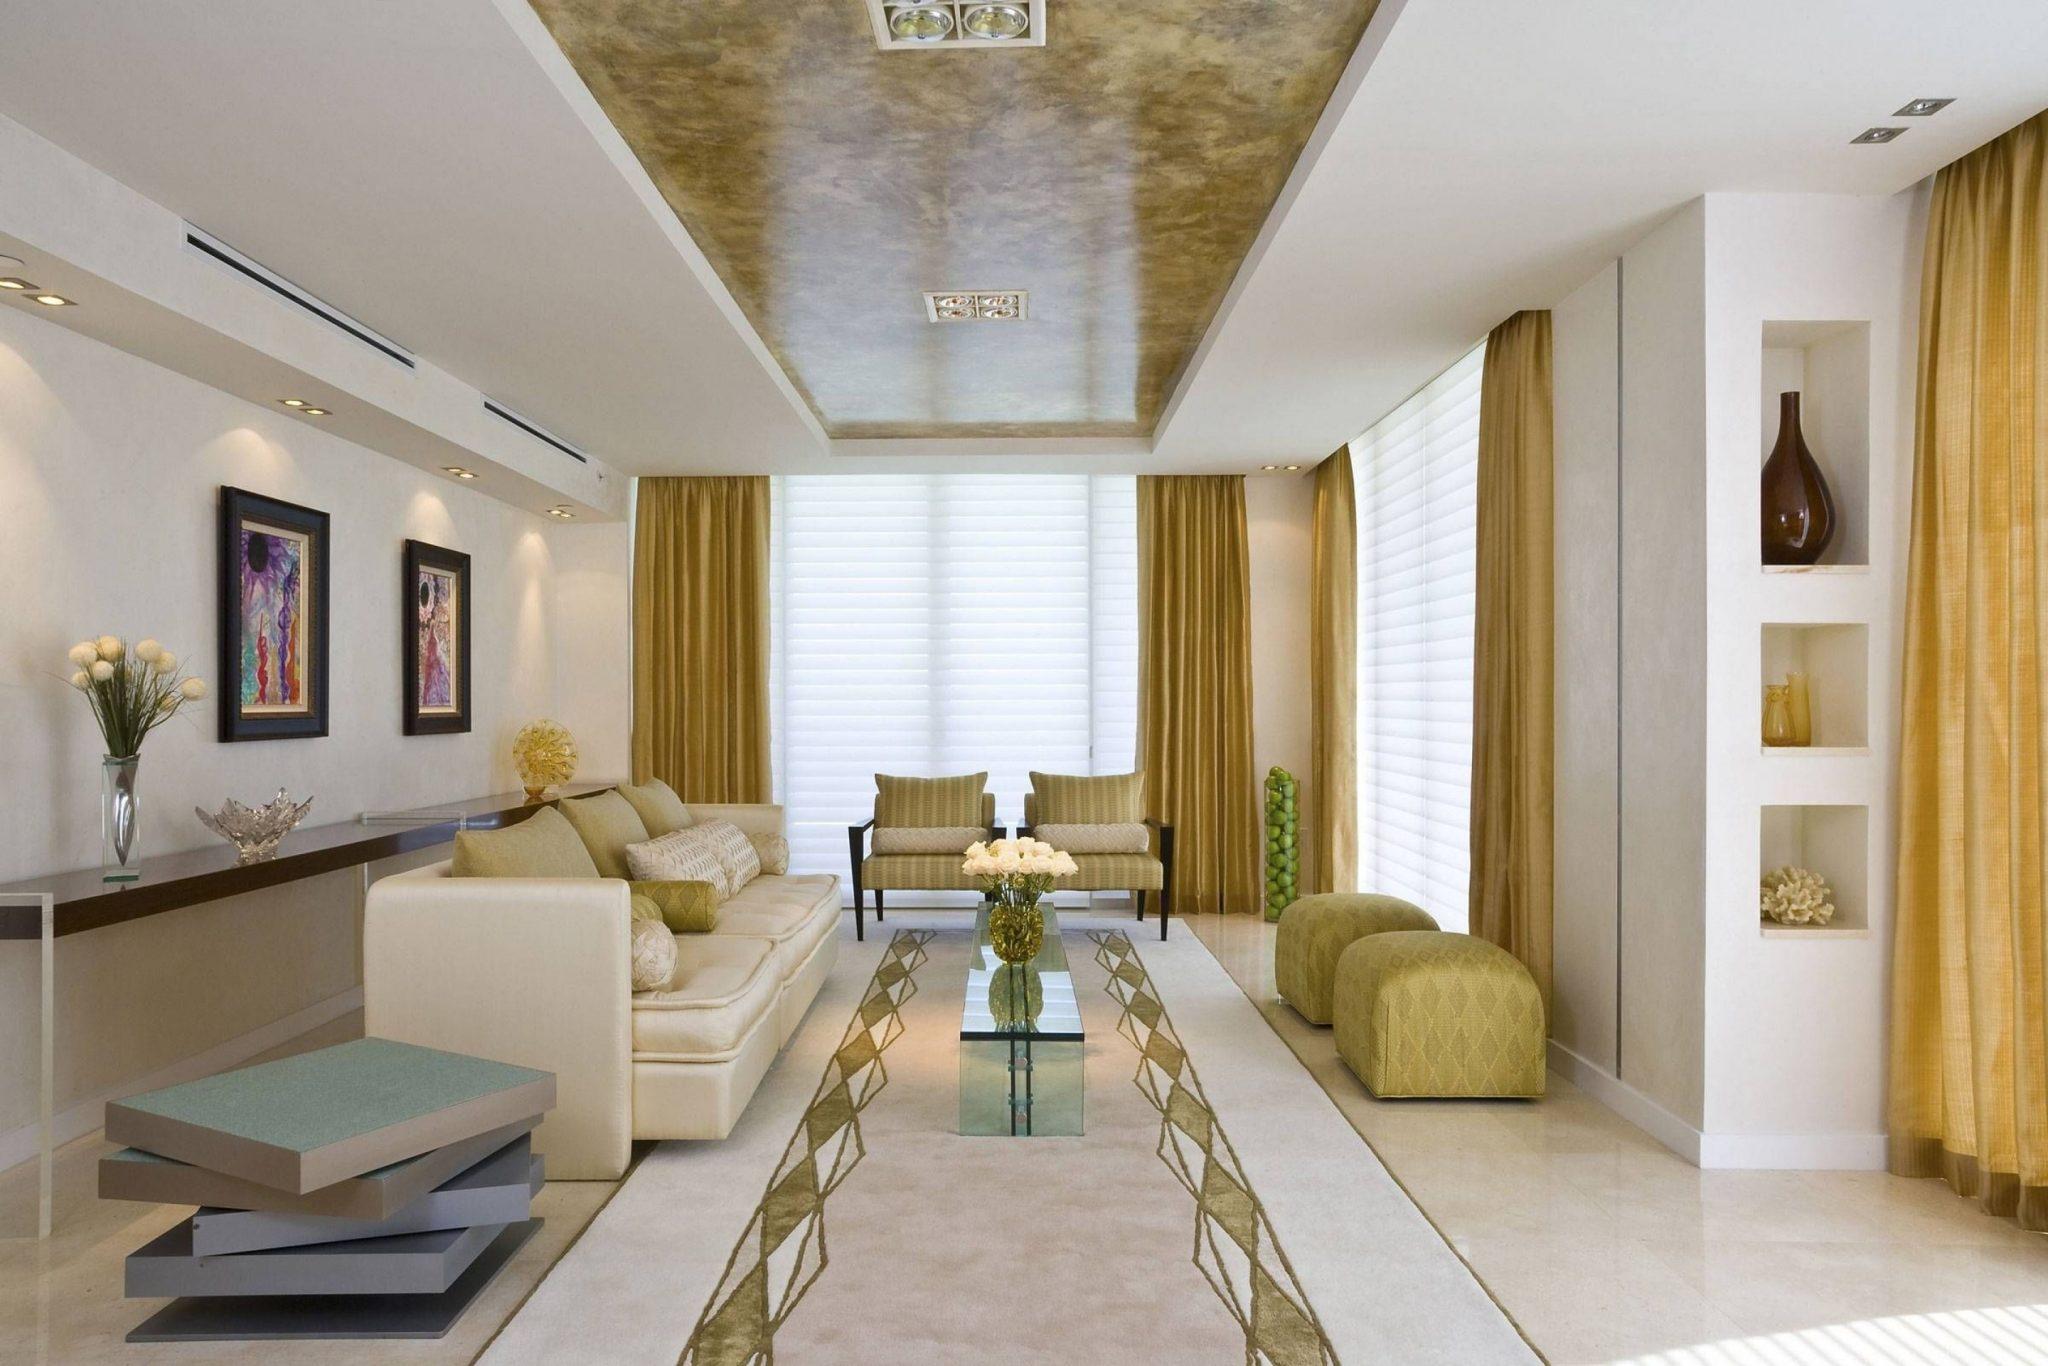 Långt vardagsrum med bord och matta.  Källa: sistemascarpecol.com